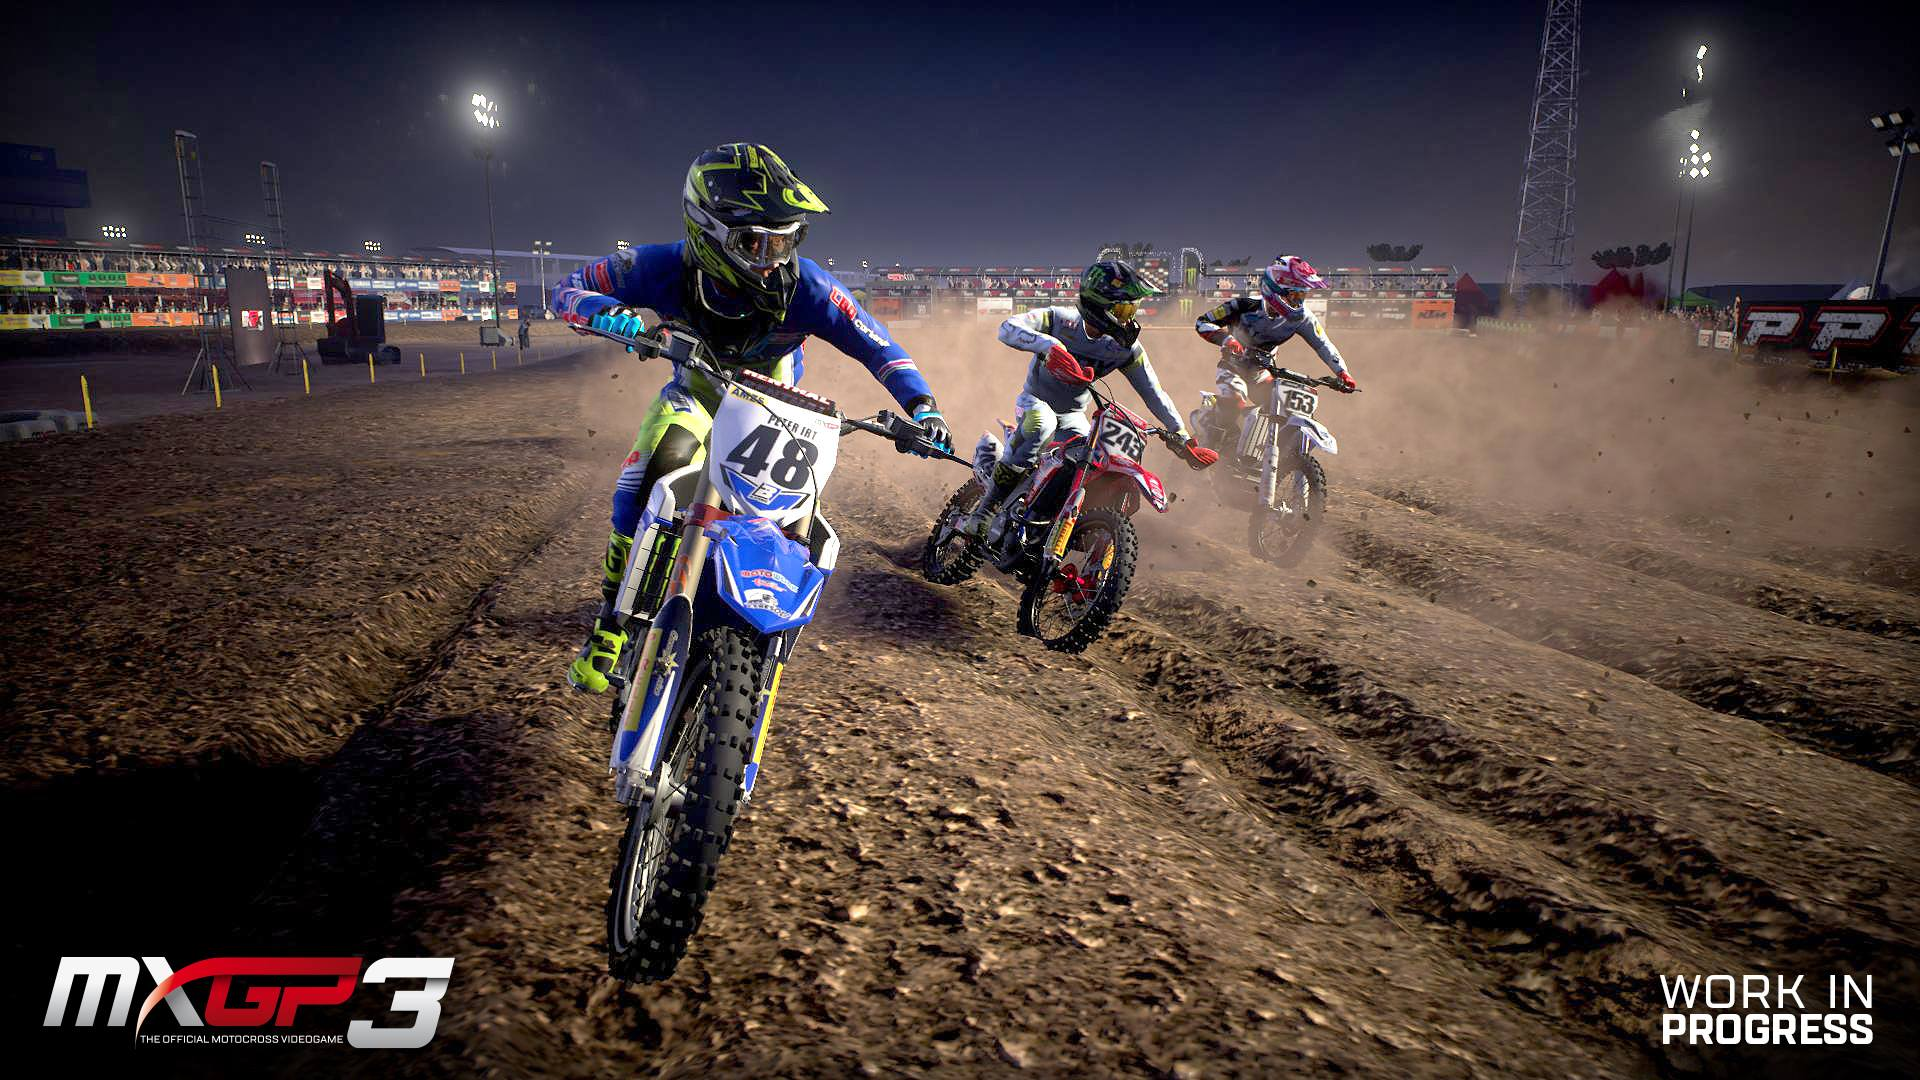 Charmant Motocross Fortsetzungsbeispiele Ideen - Beispiel Business ...